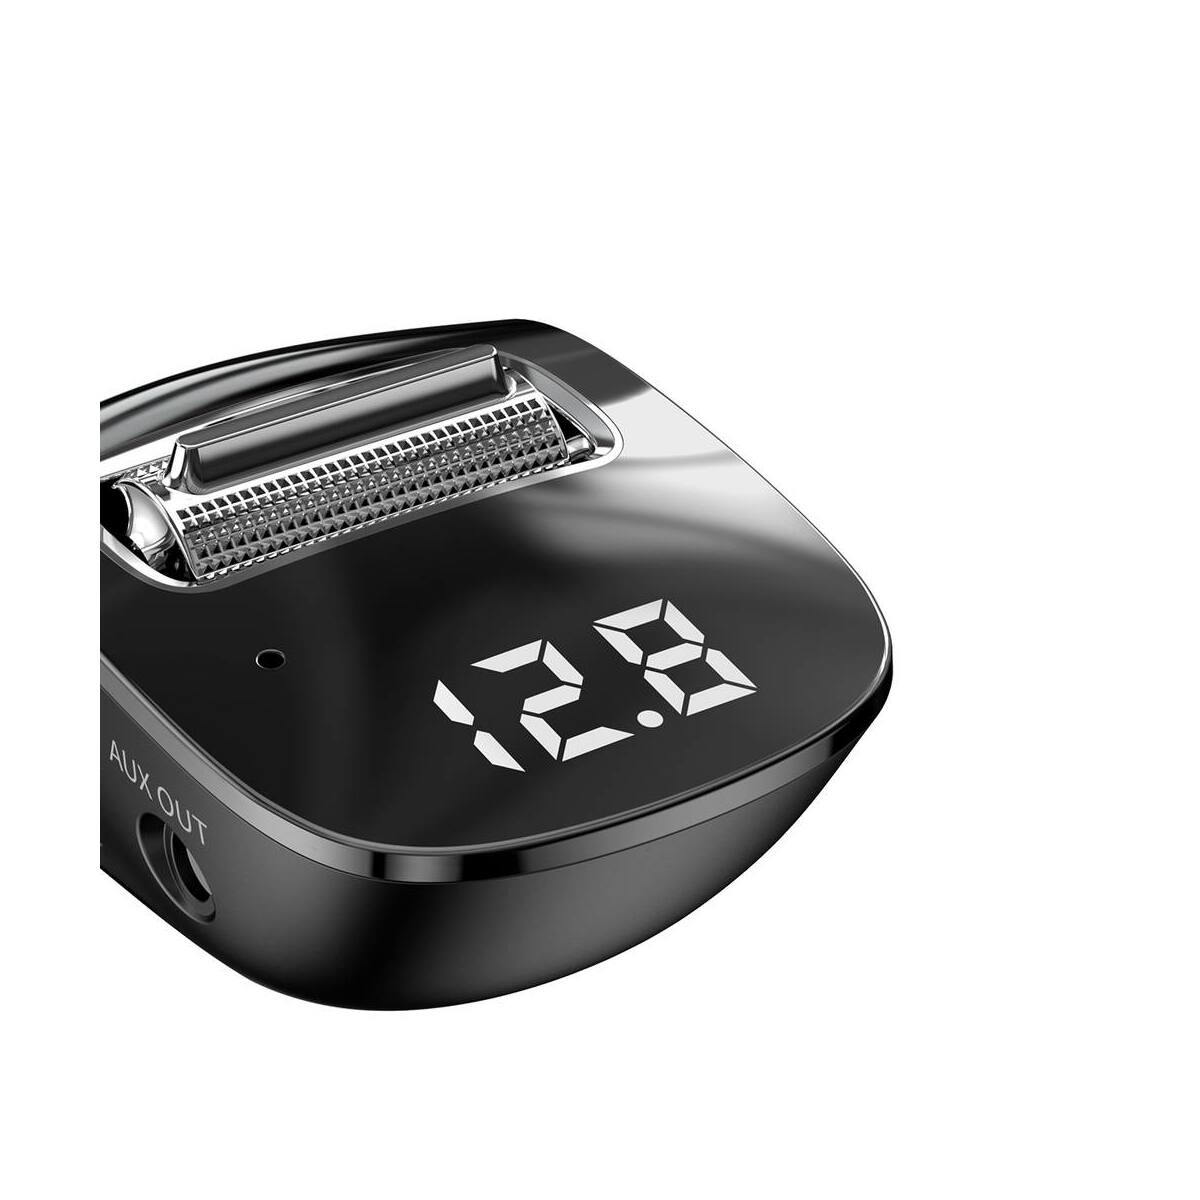 Baseus autós töltő, Bluetooth Fm Transzmitter Streamer F40 AUX, MP3, BT 5.0, 2xUSB csatlakozás, ergonómikus forma, 15W, fekete (CCF40-01)